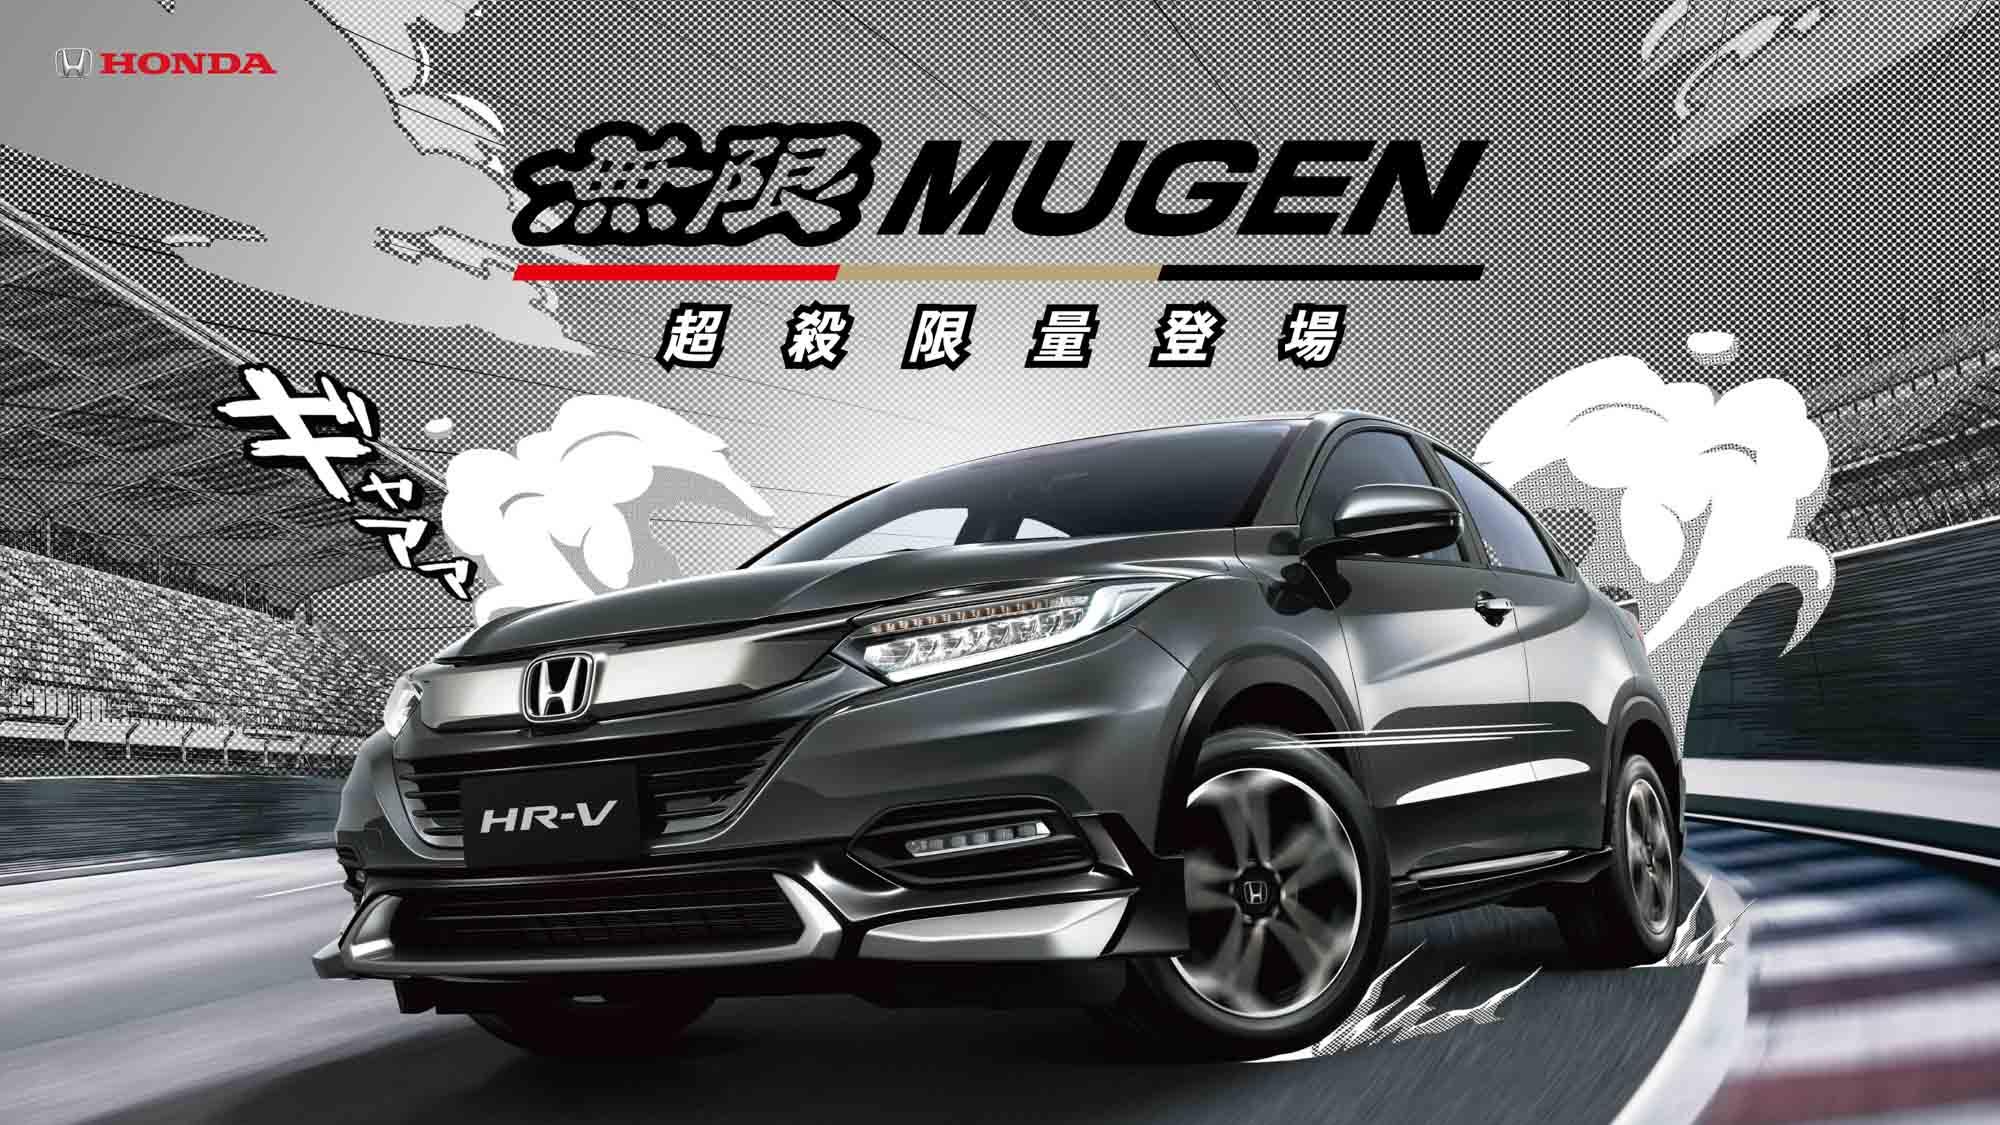 增買氣抗神車!Honda Taiwan 新推 HR-V 無限 MUGEN 套件